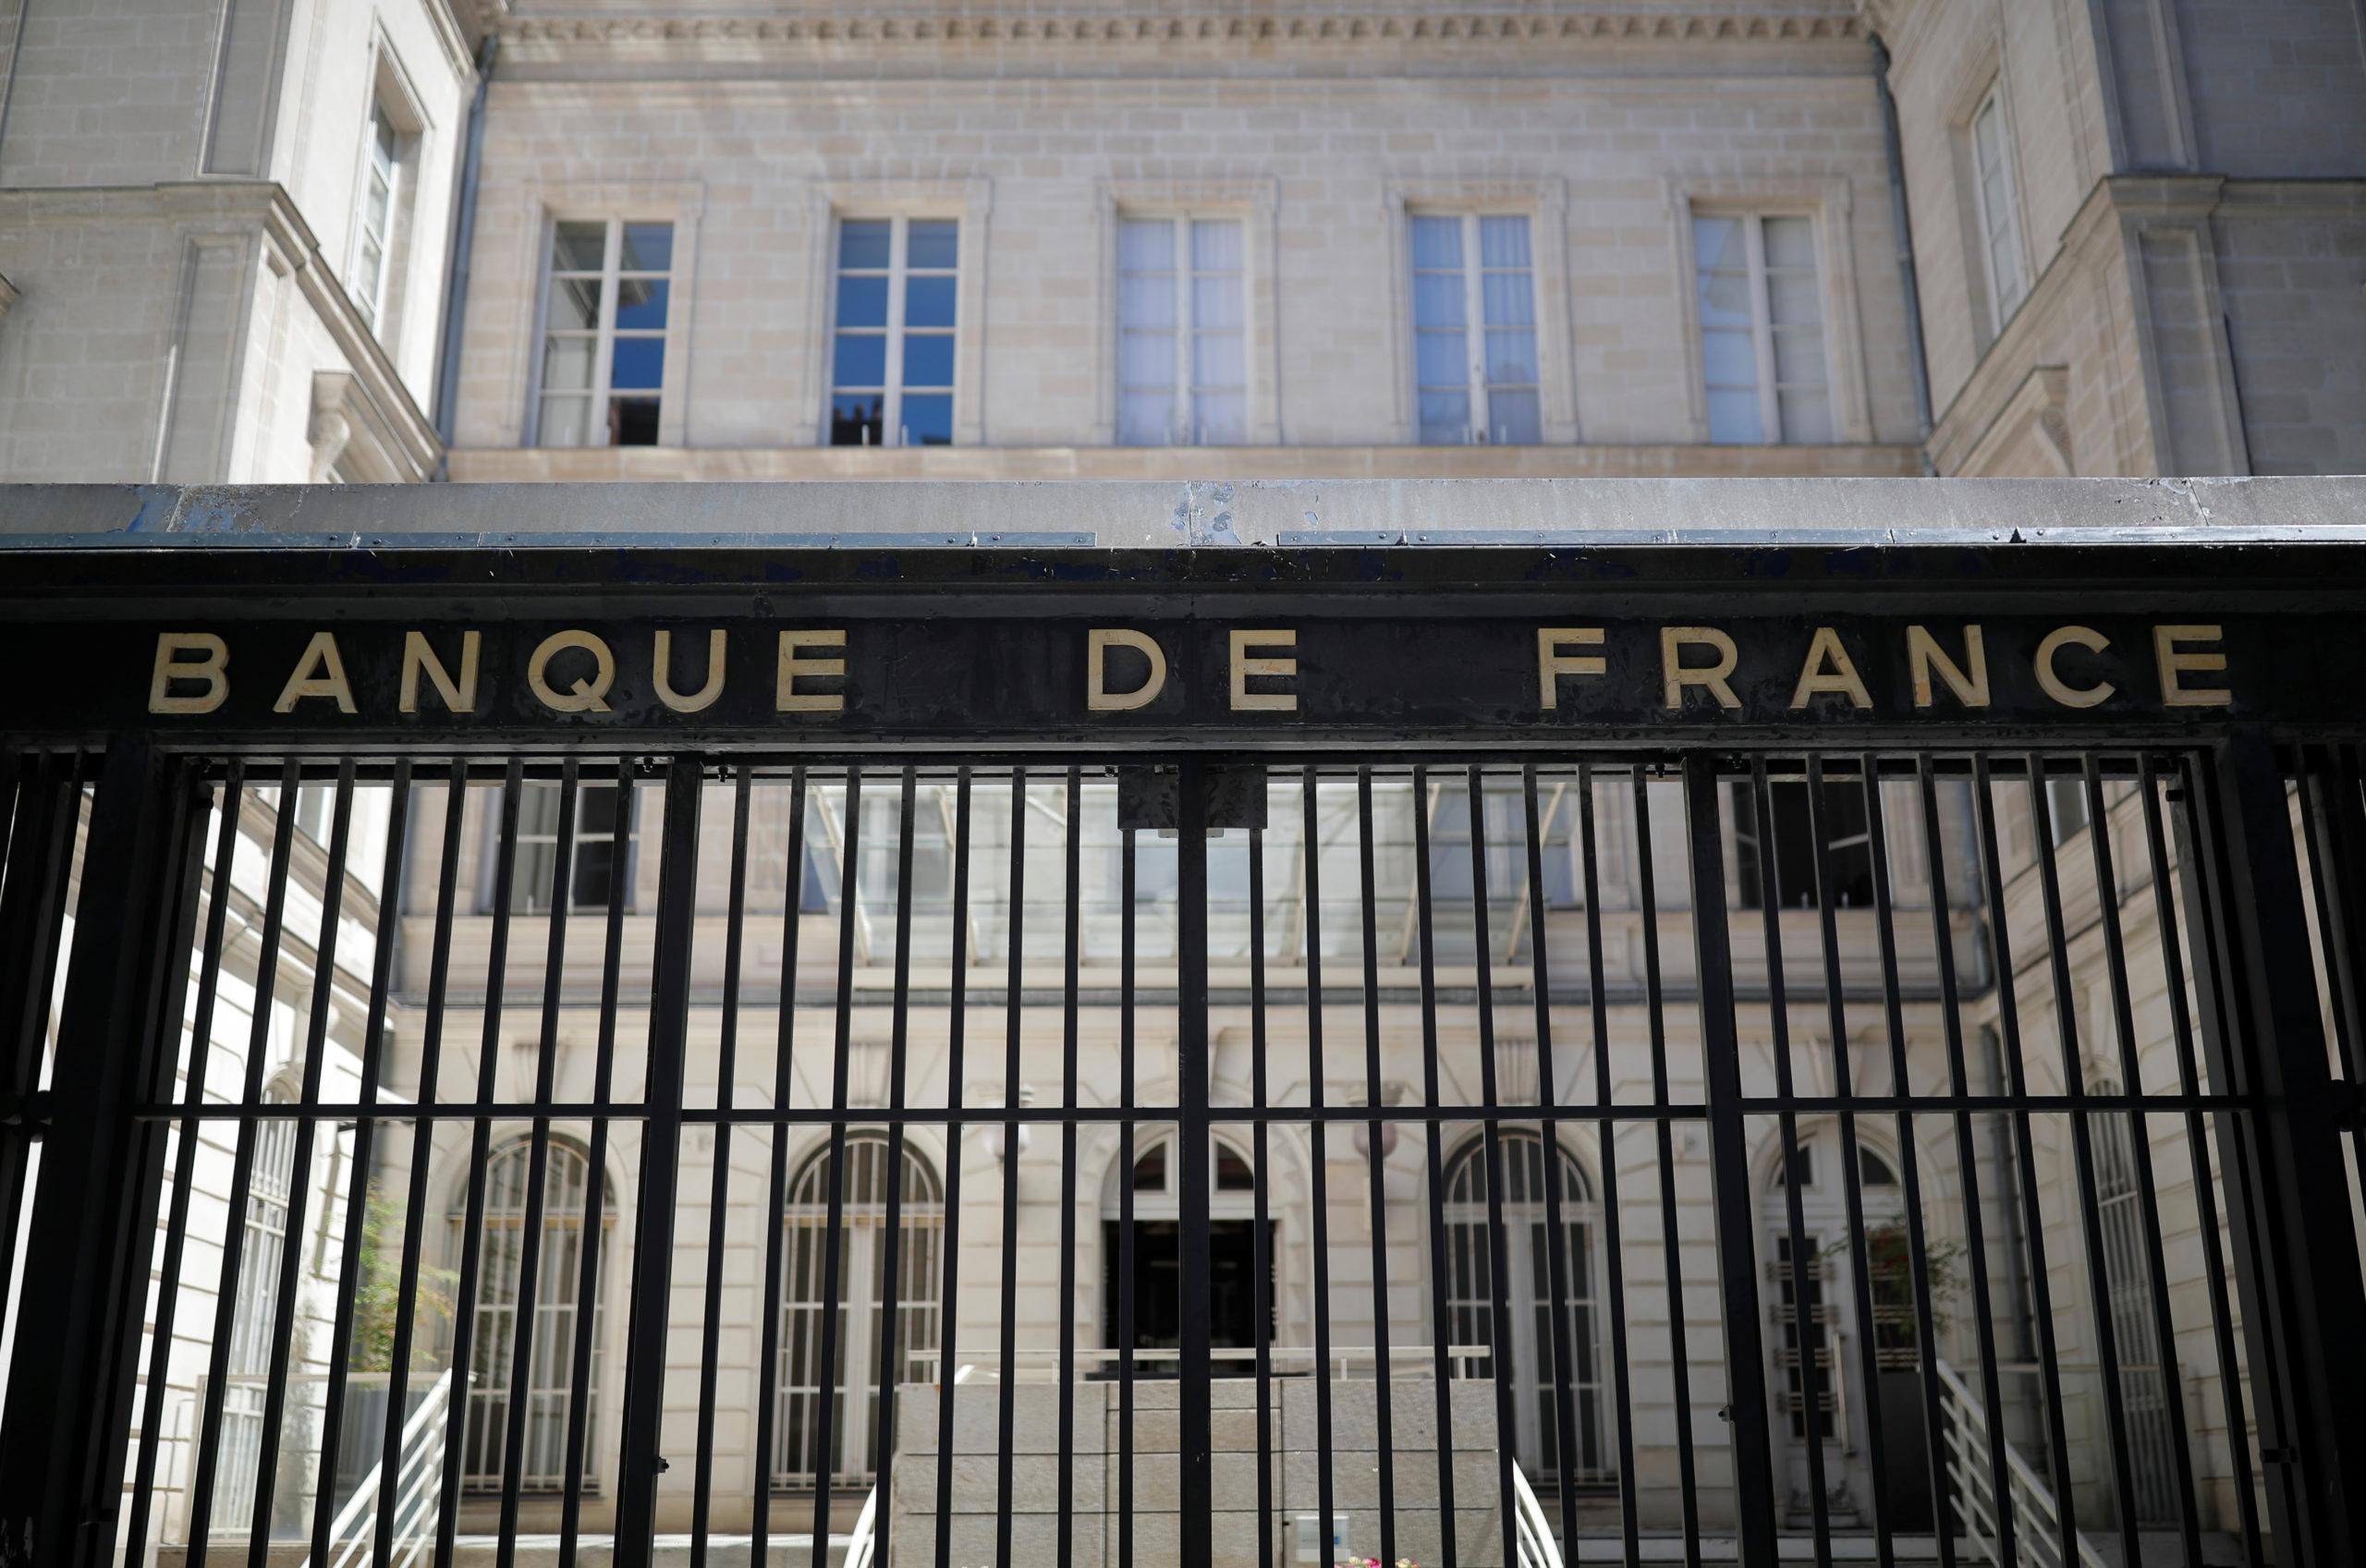 Le gouvernement prévoit une récession de 10% en 2020, dit Bruno Le Maire